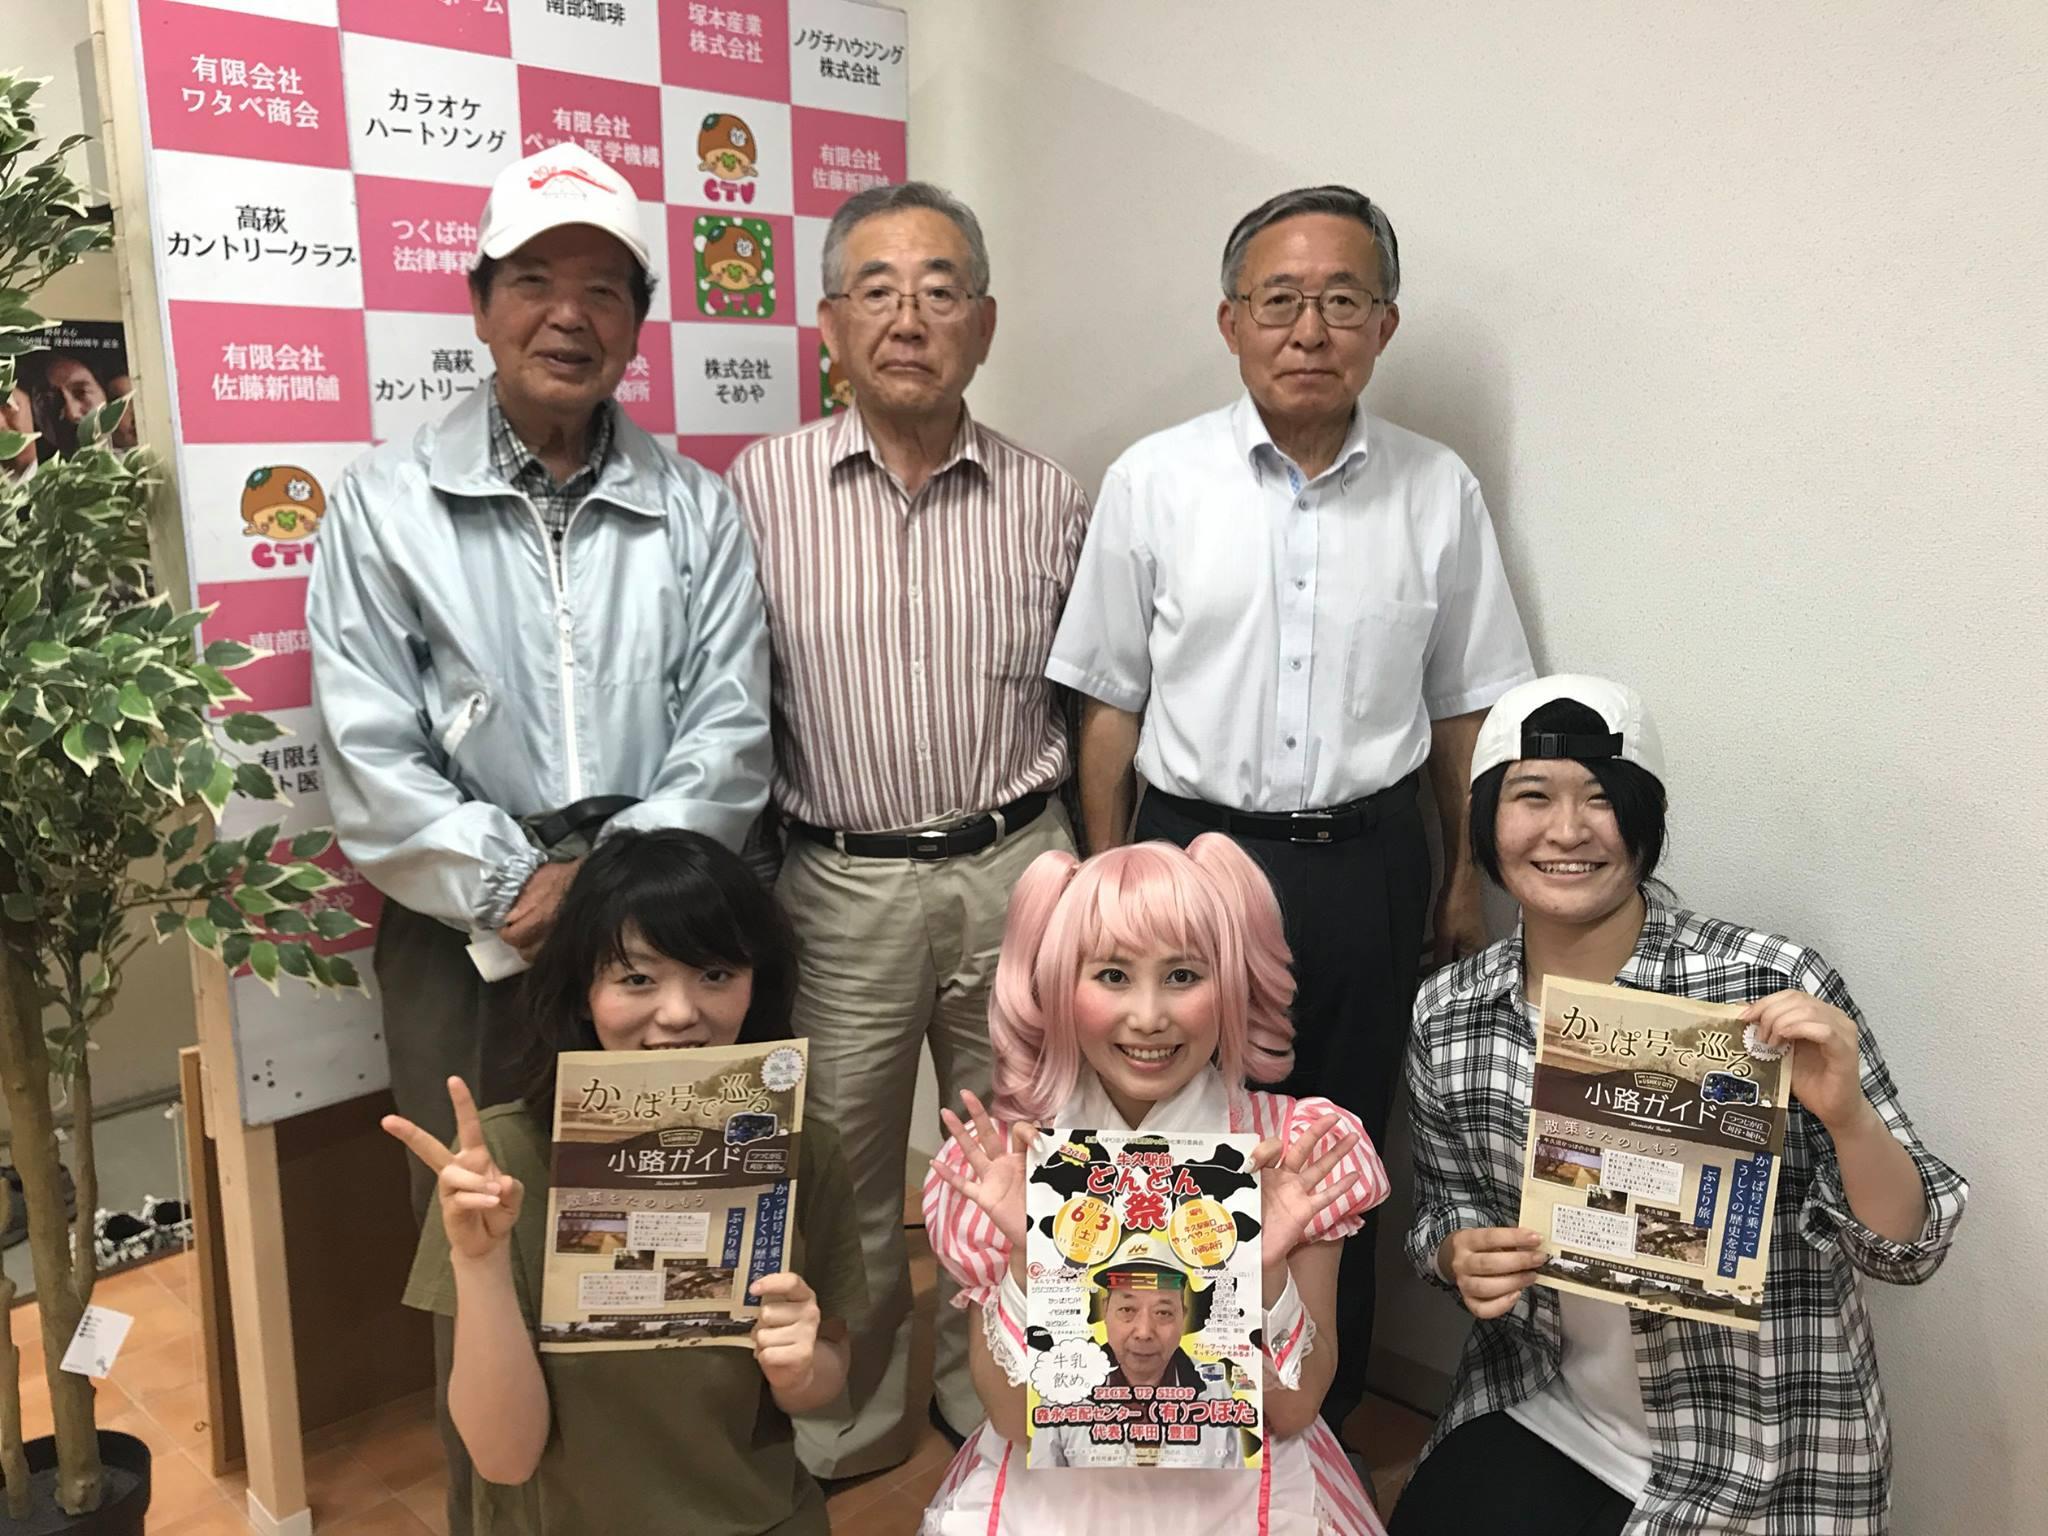 [2017/5/25] ♡夕暮れモーモー #31♡ゲスト けんちゃん